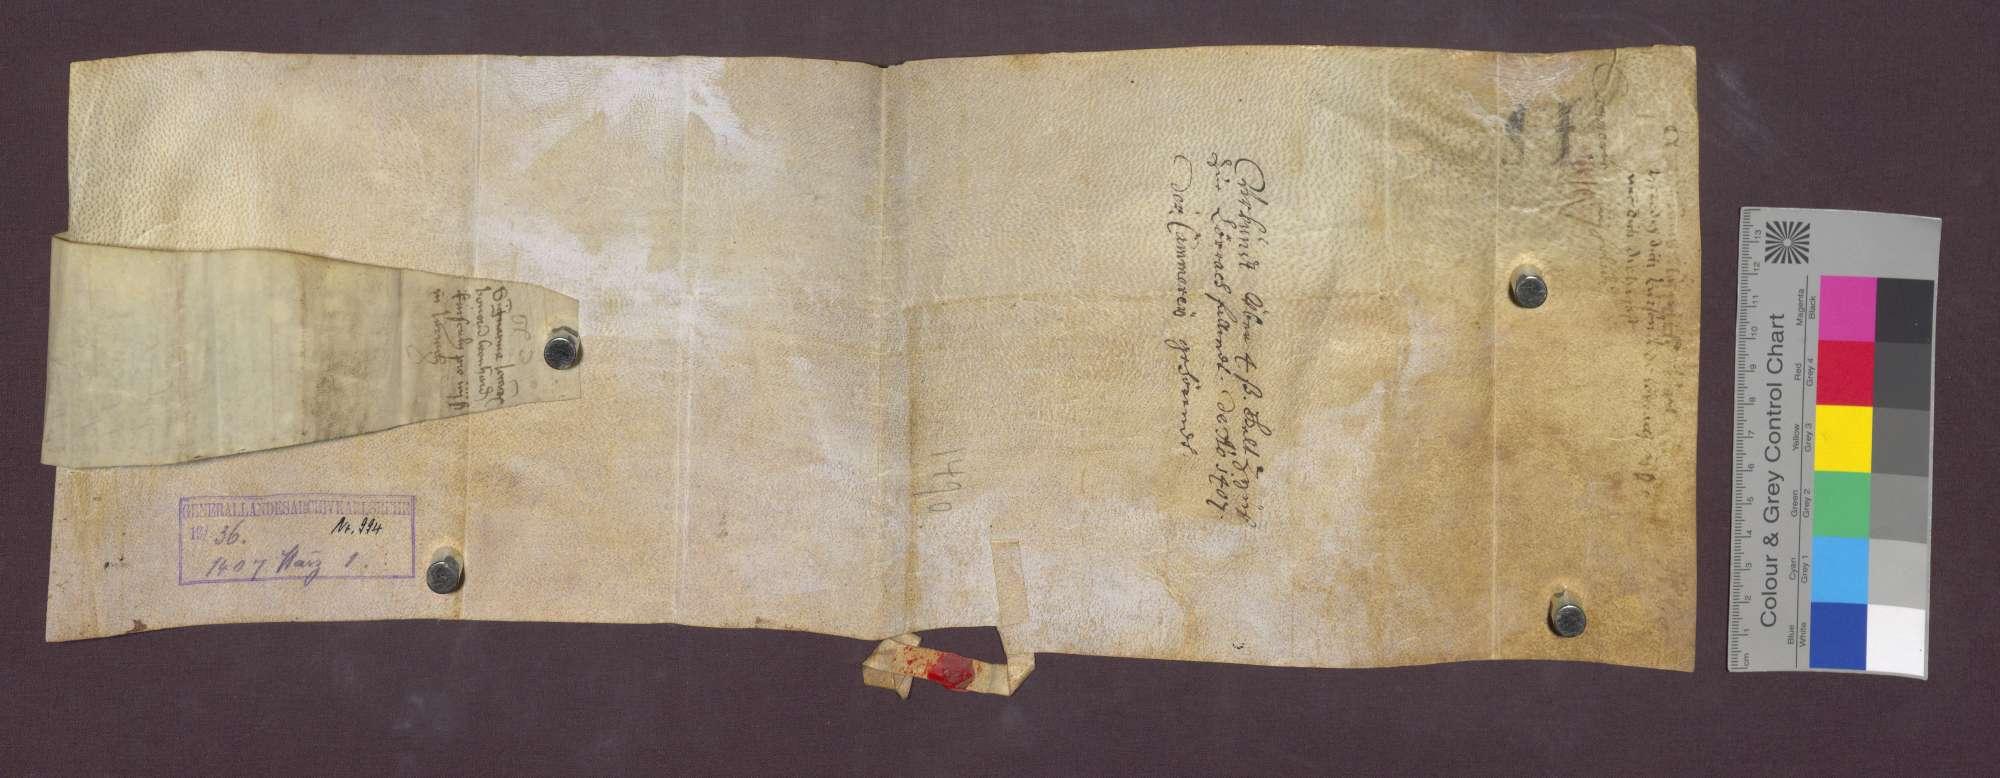 Lehnbrief der Basler Bruderschaft der St. Johannes-Kapelle für Heinz Kürsenlin in Lörrach., Bild 3